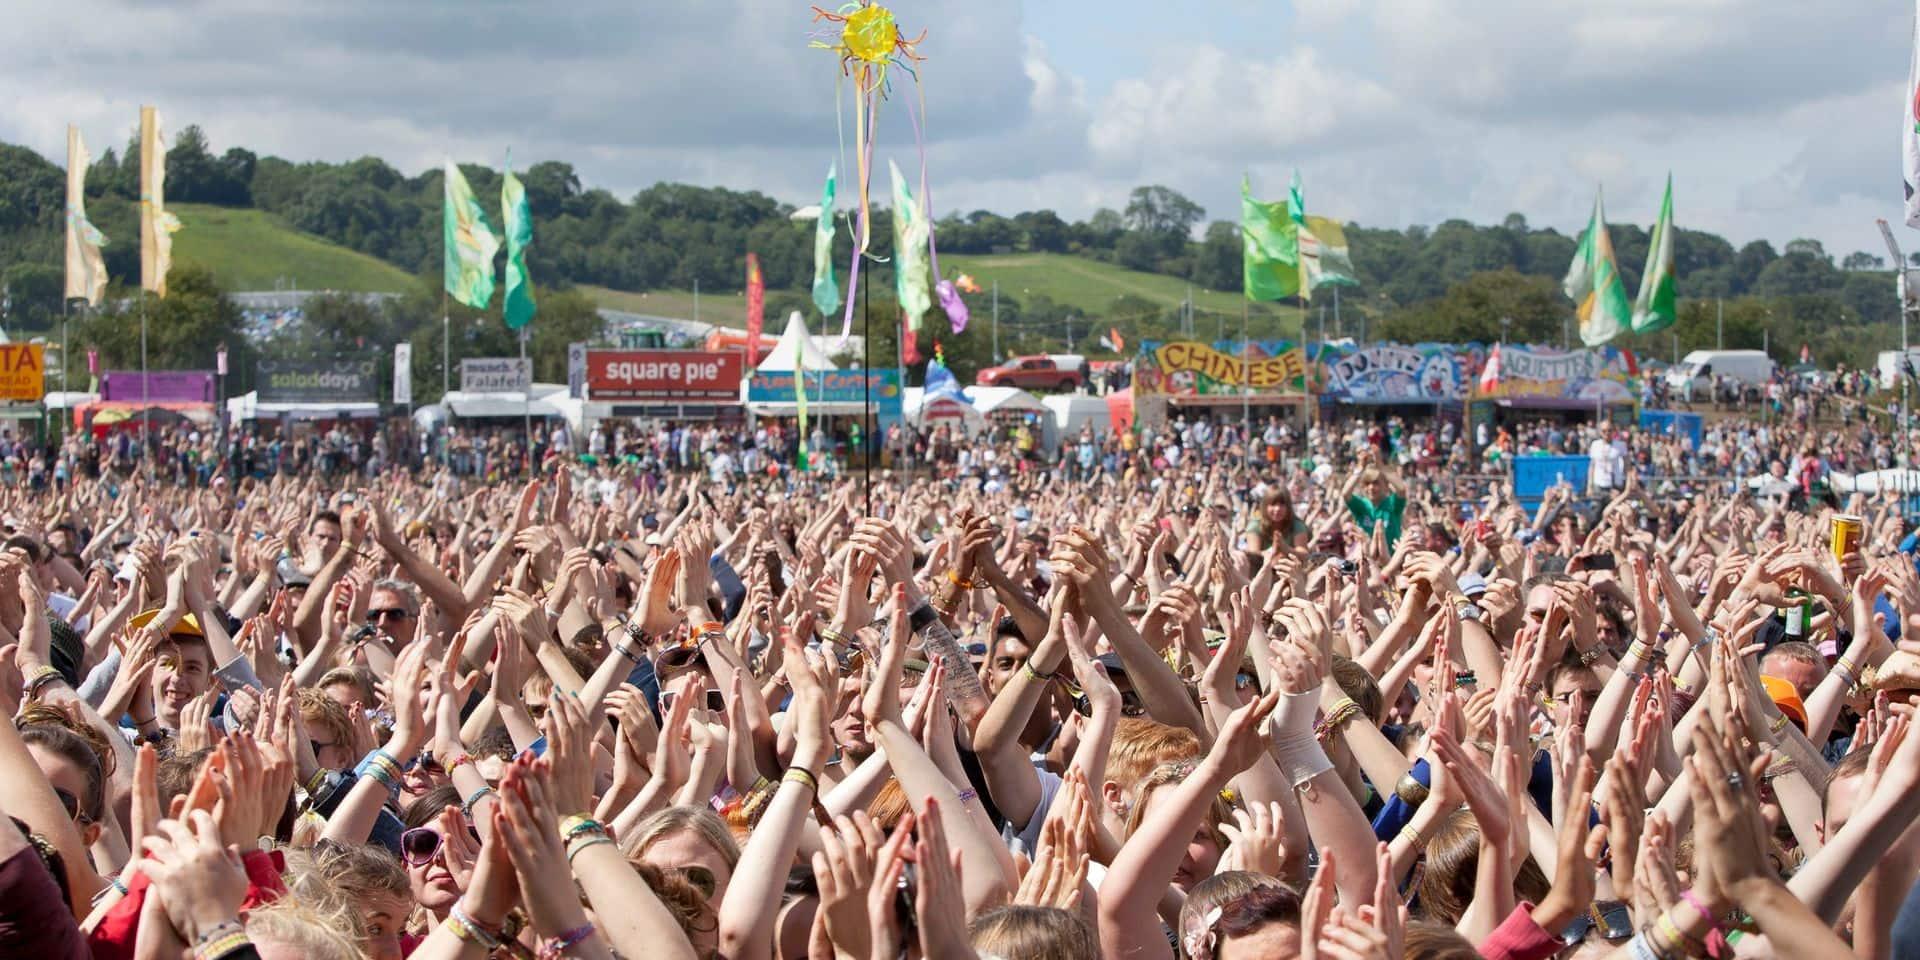 Le festival britannique Glastonbury est annulé pour la deuxième fois